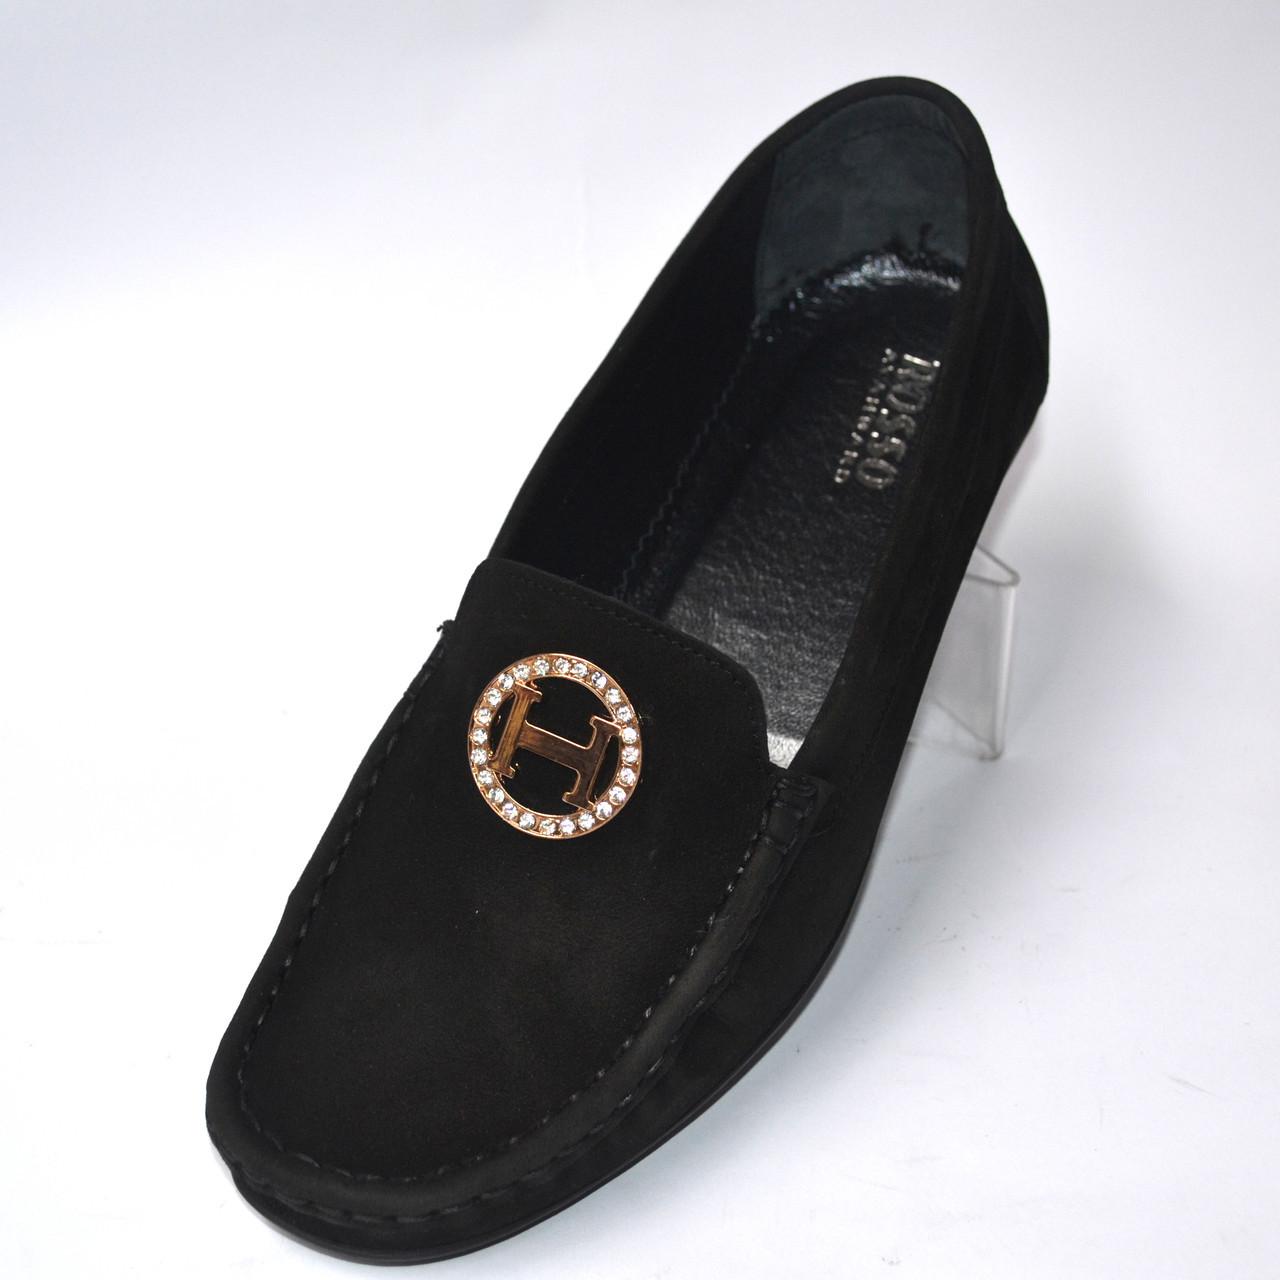 """Мокасини черніе нубук жіноче взуття великих розмірів Ornella BS Black Vel by Rosso Avangard колір """"Грейс"""""""